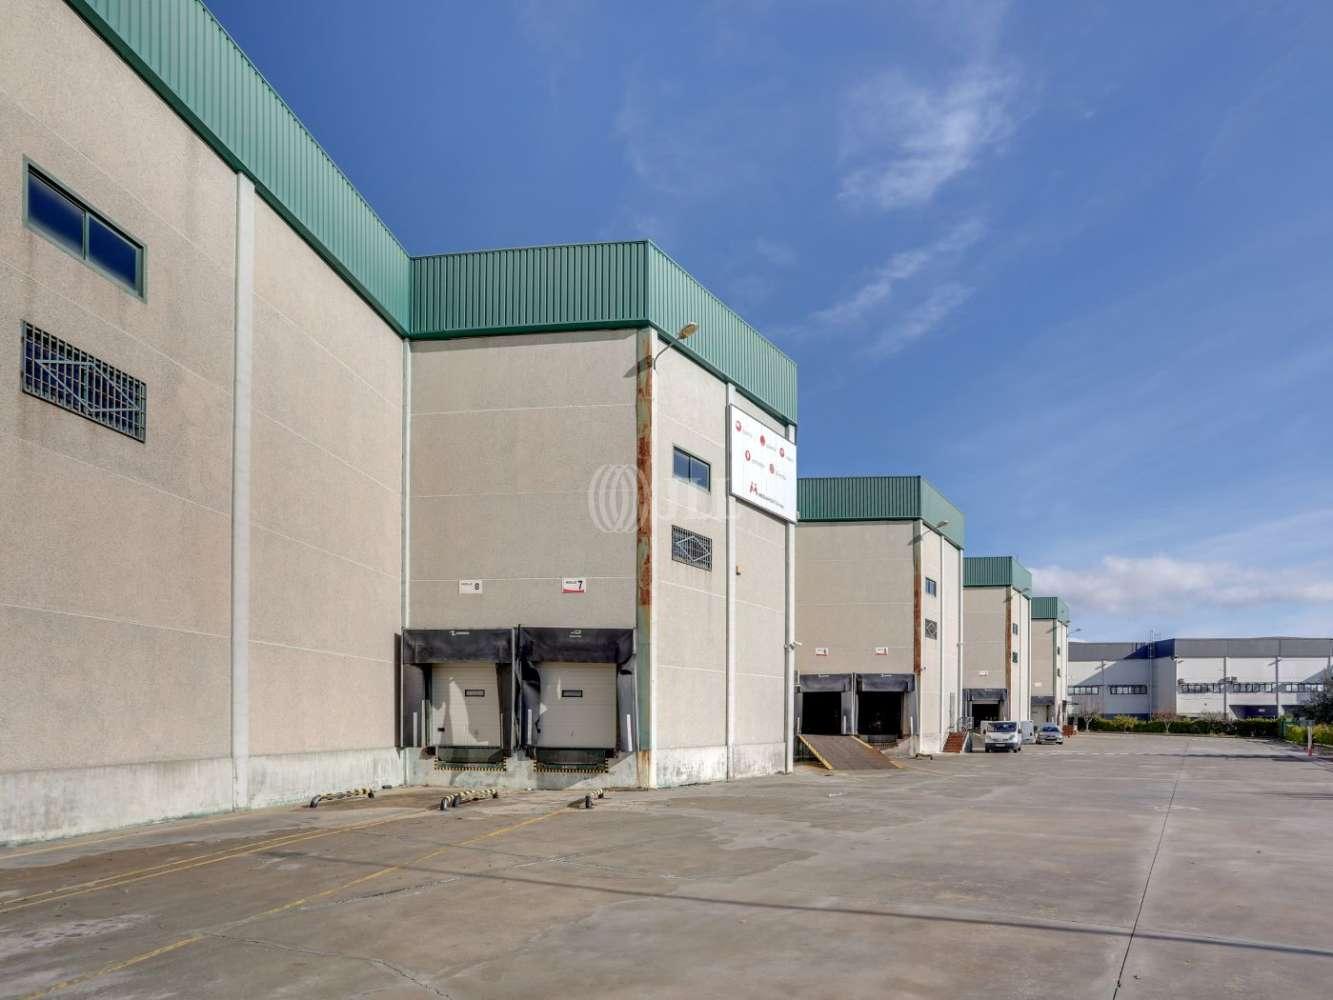 Naves industriales y logísticas Valdemoro, 28343 - Nave Logistica - M0343 P.I LA POSTURA VALDEMORO - 23365